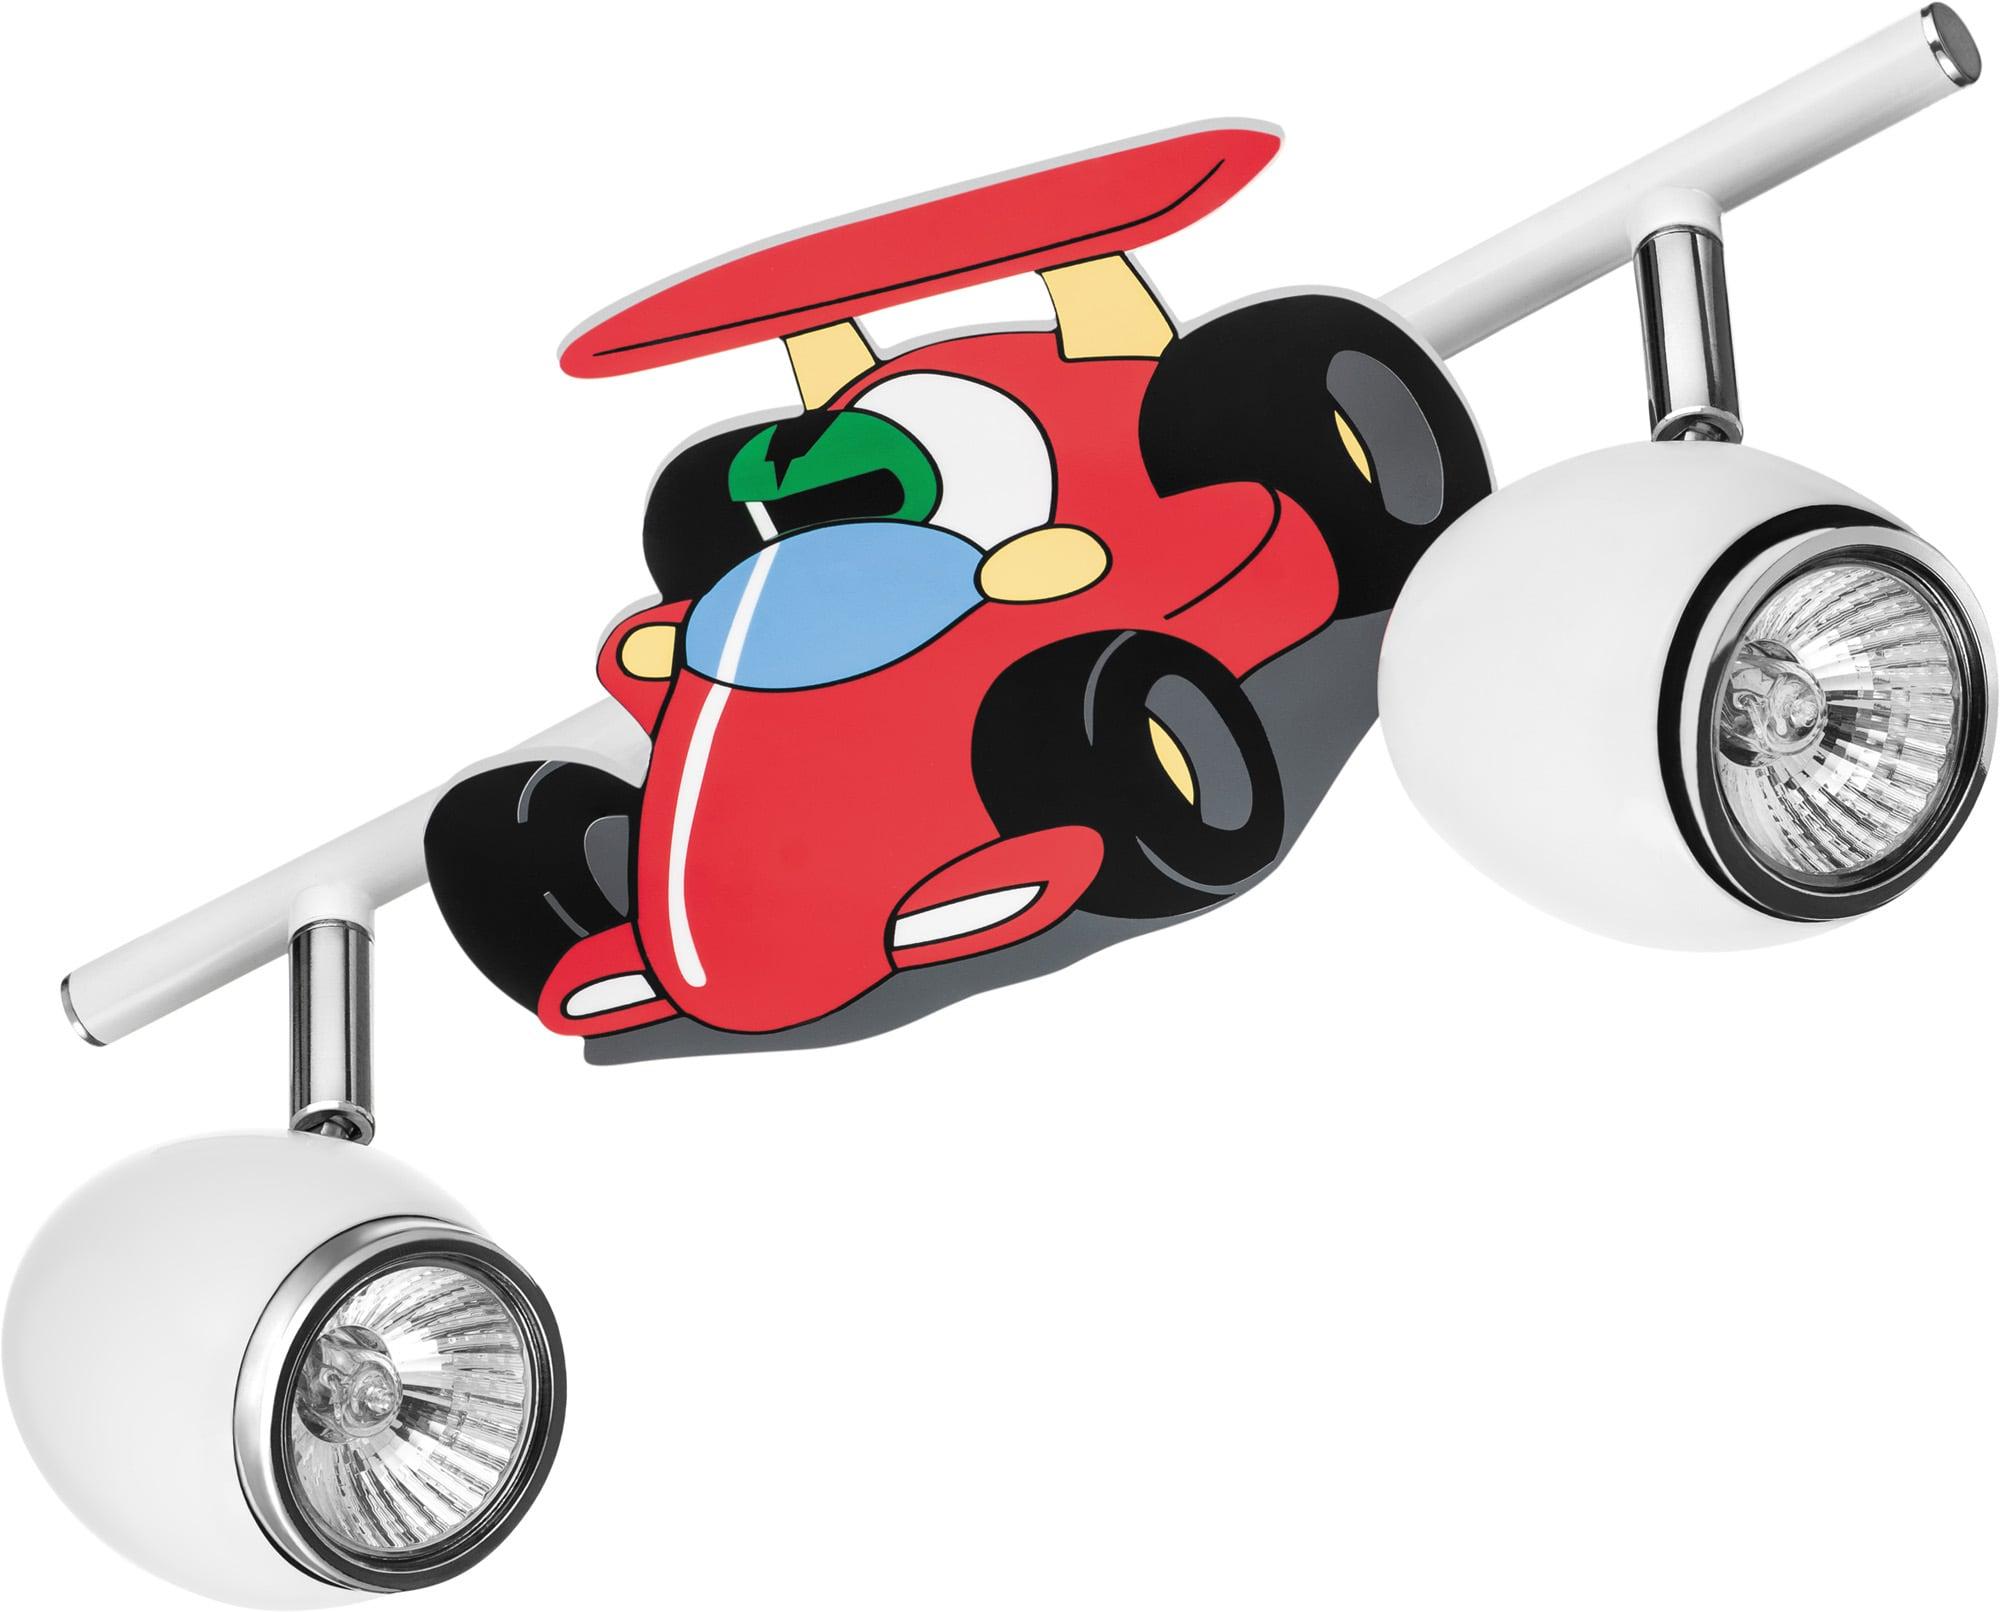 Lamp for a child Car race car - Car white / chrome LED GU10 2x4,5W